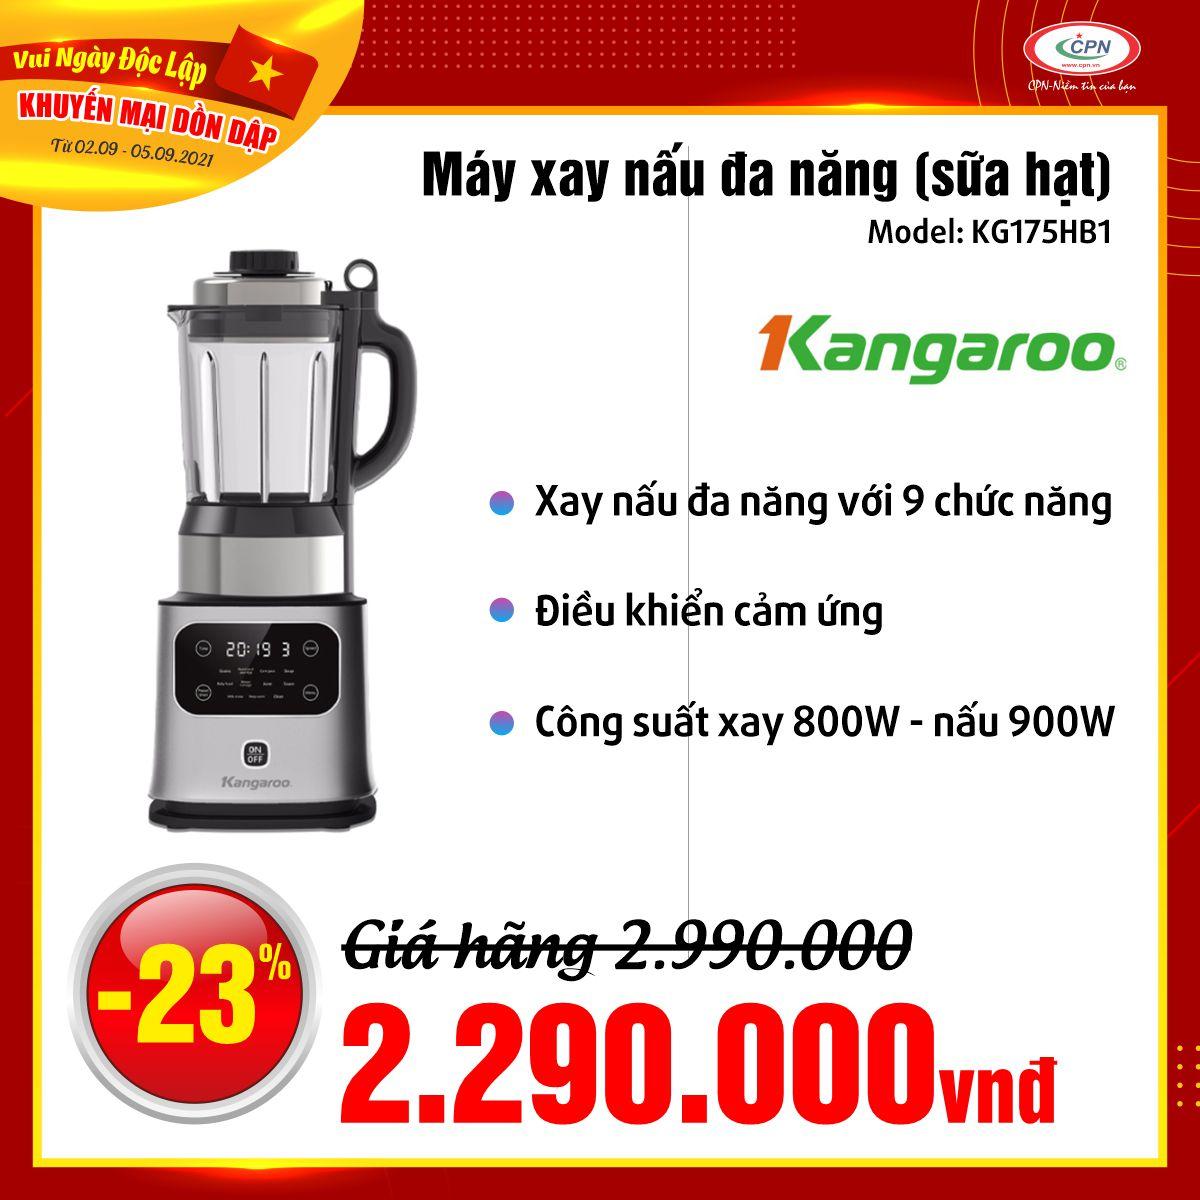 900x900-quoc-khanh-2021-kg175hb1.jpg